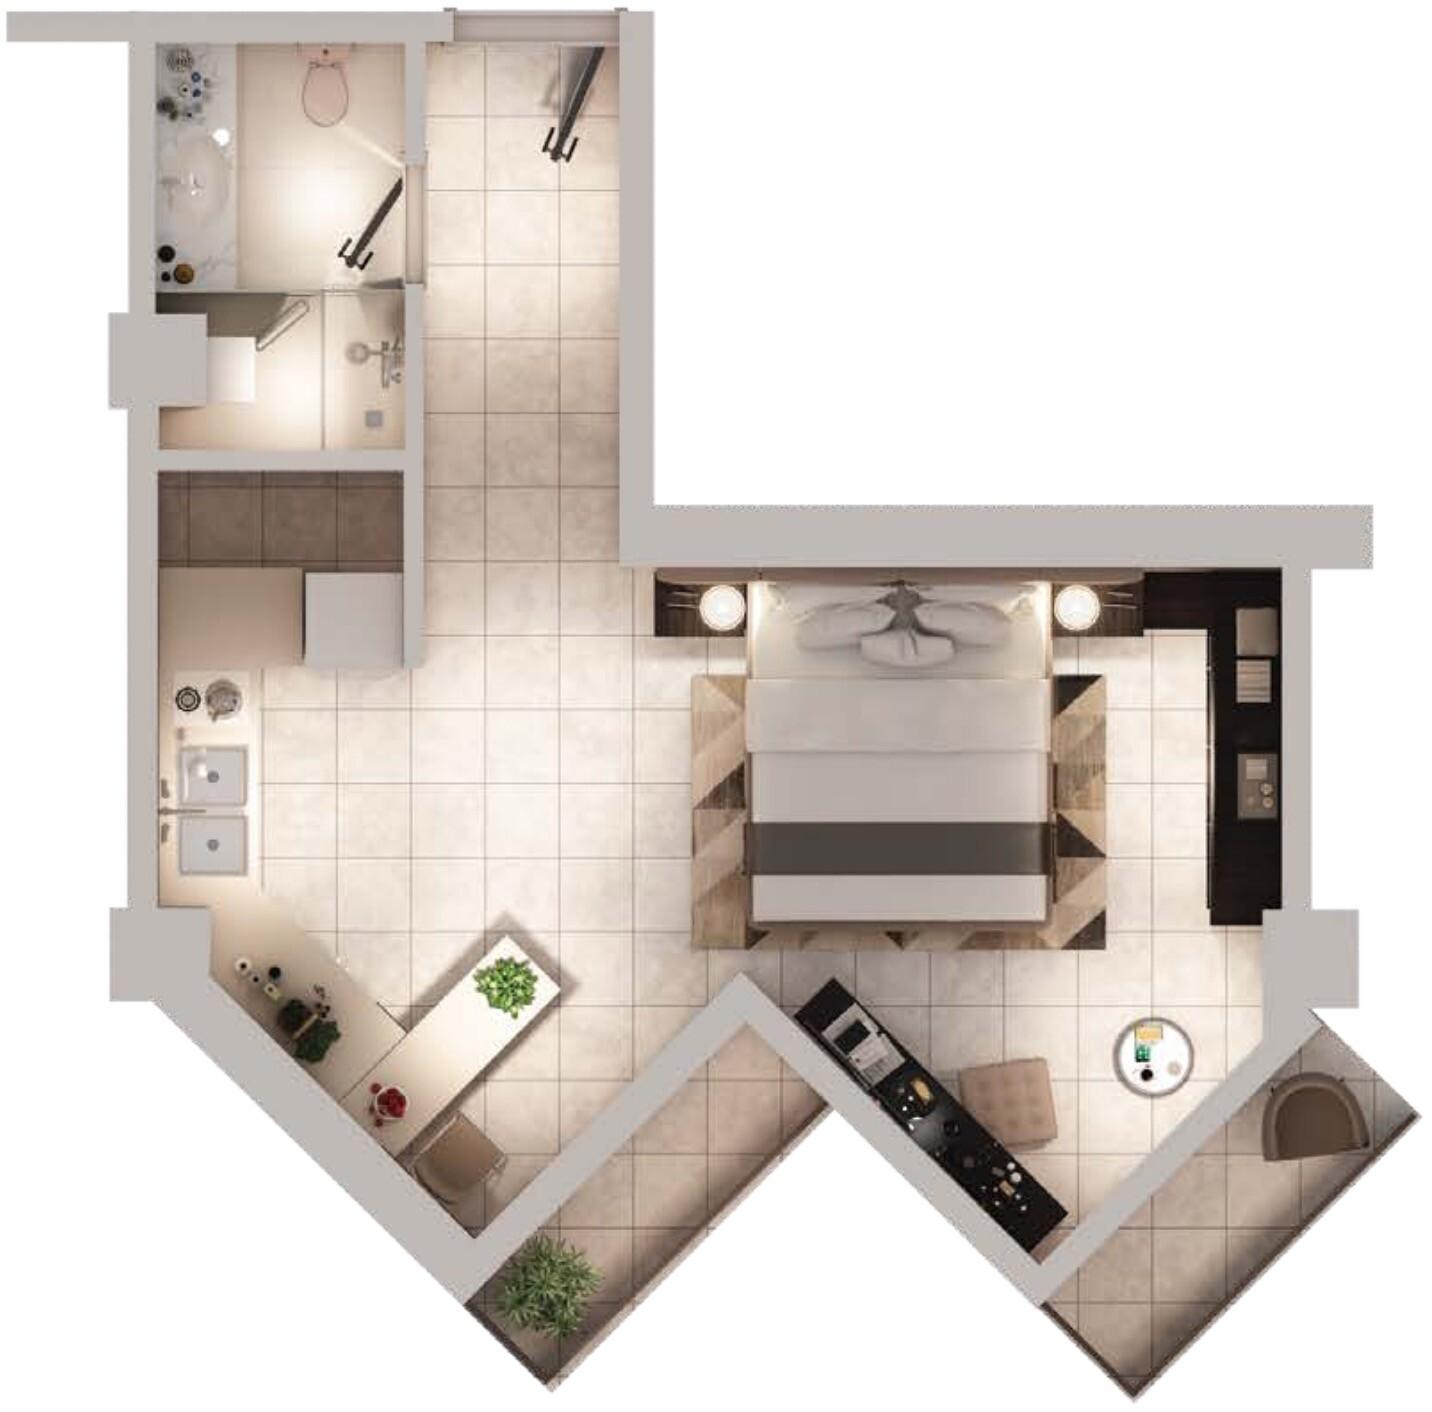 SAAM Vega Hotel Apartments in Dubai